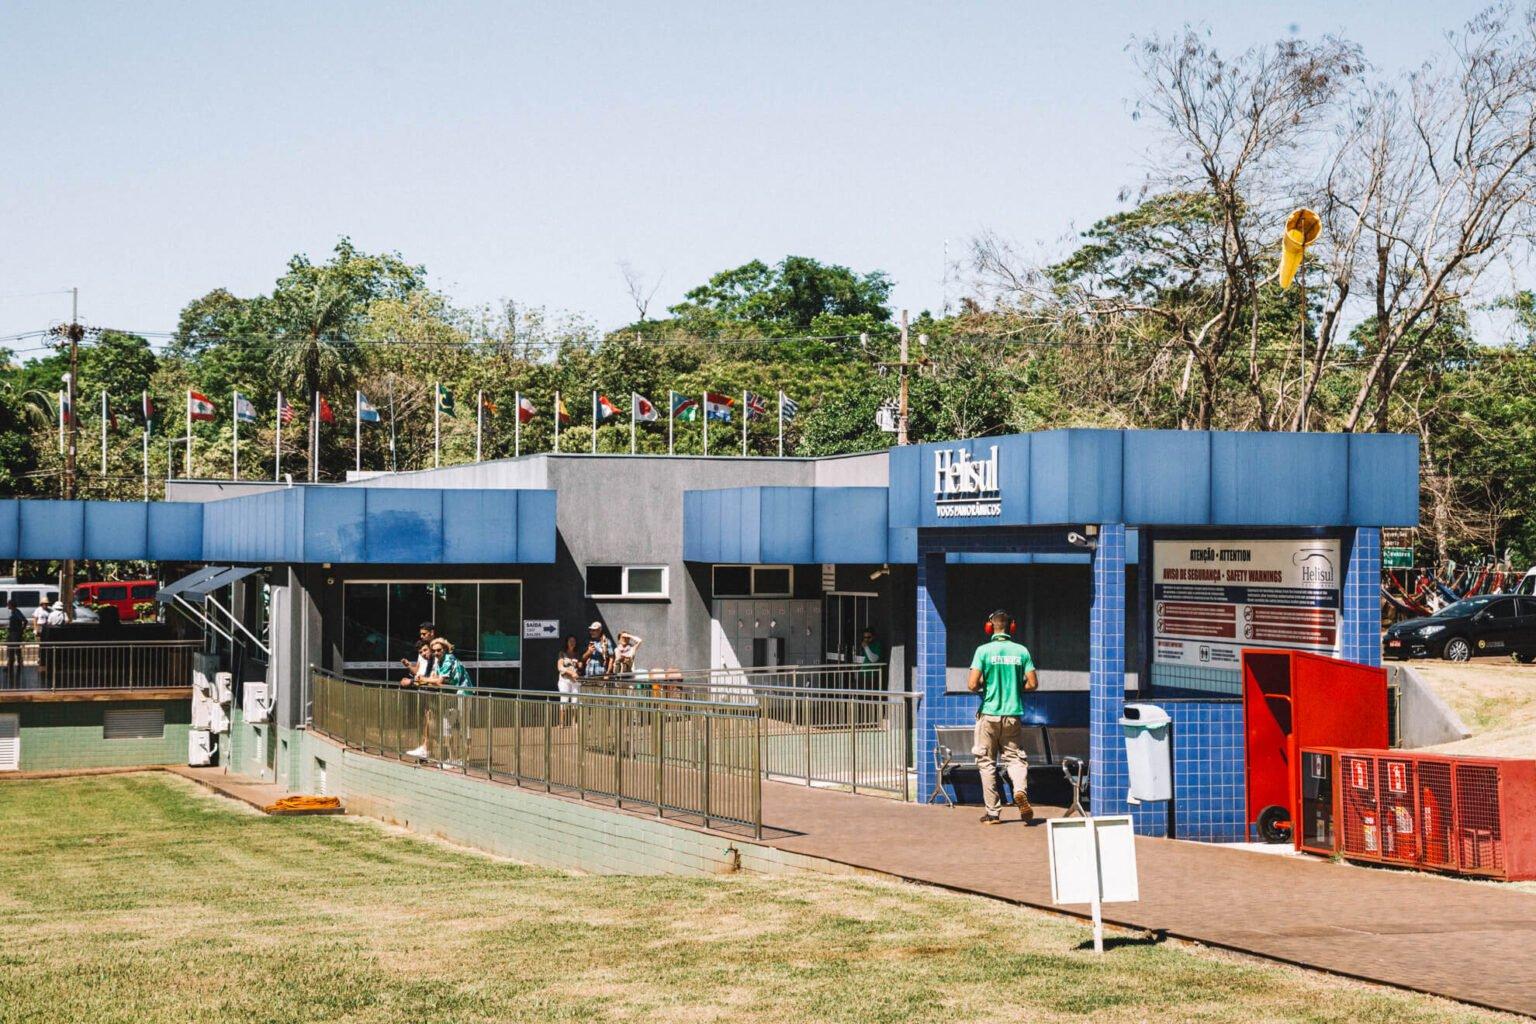 Sede da empresa Helisul em Foz do Iguaçu | Passeio de helicóptero